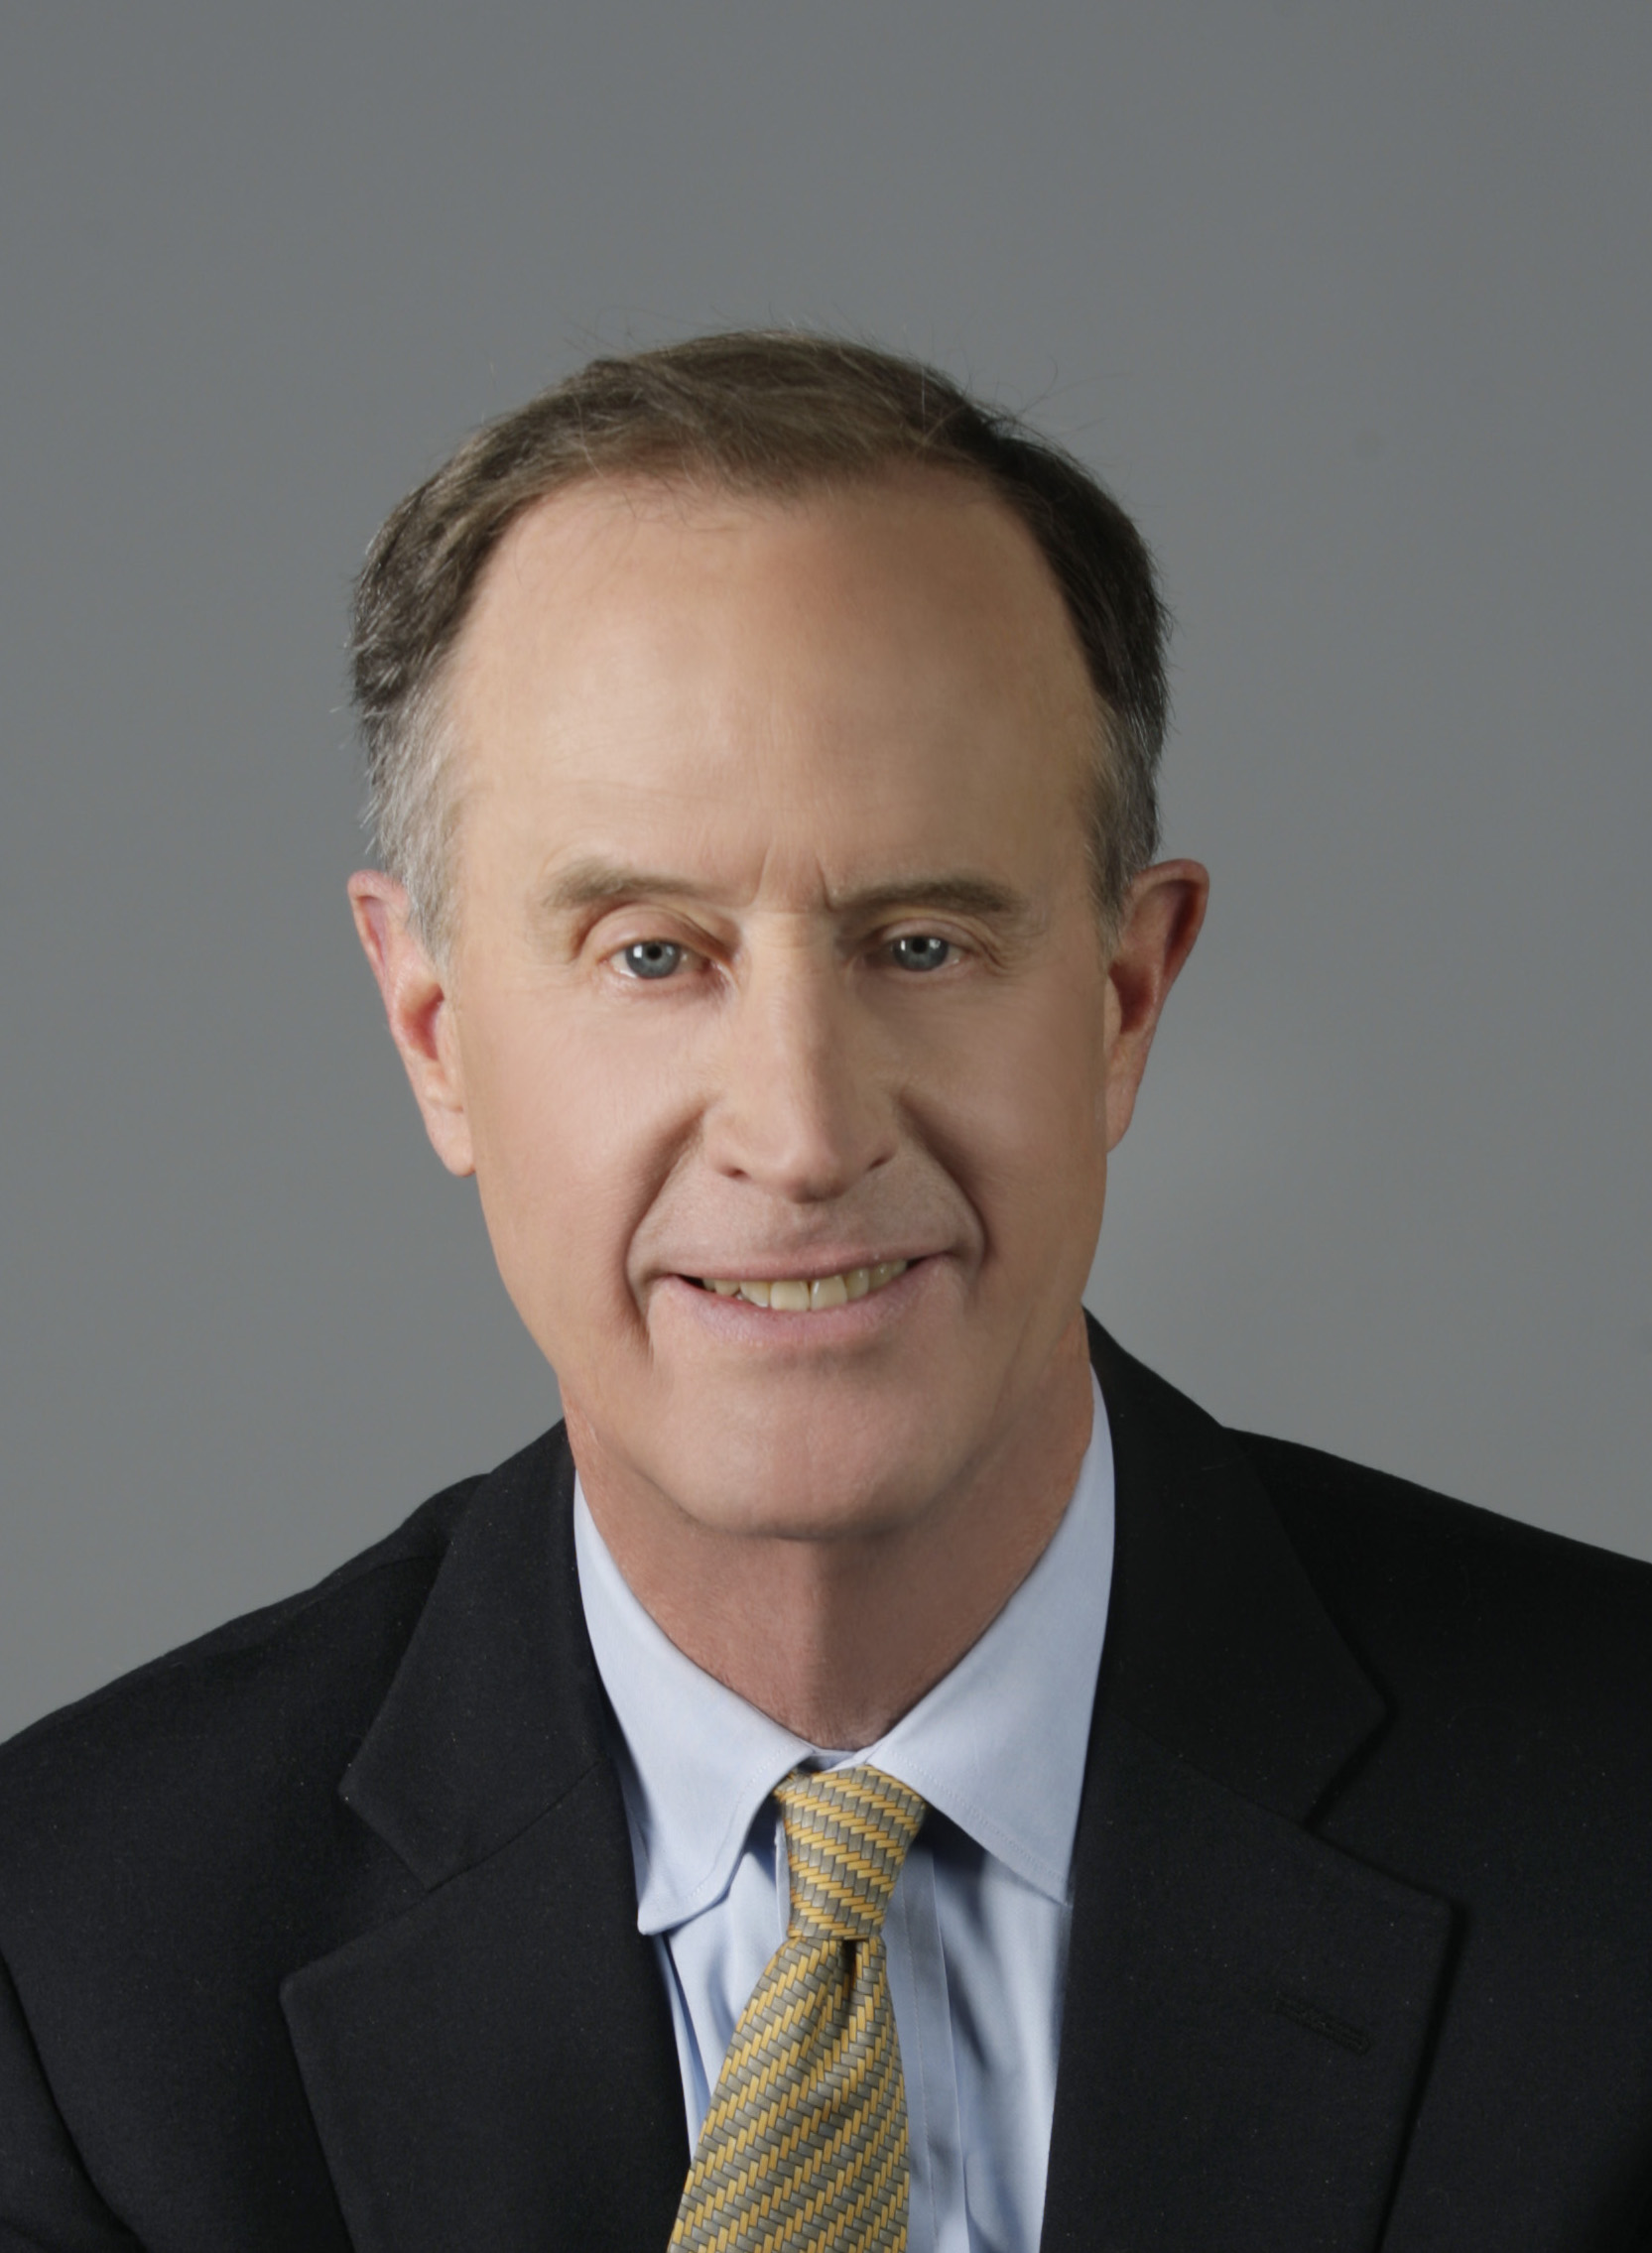 Jeffrey C. Neal